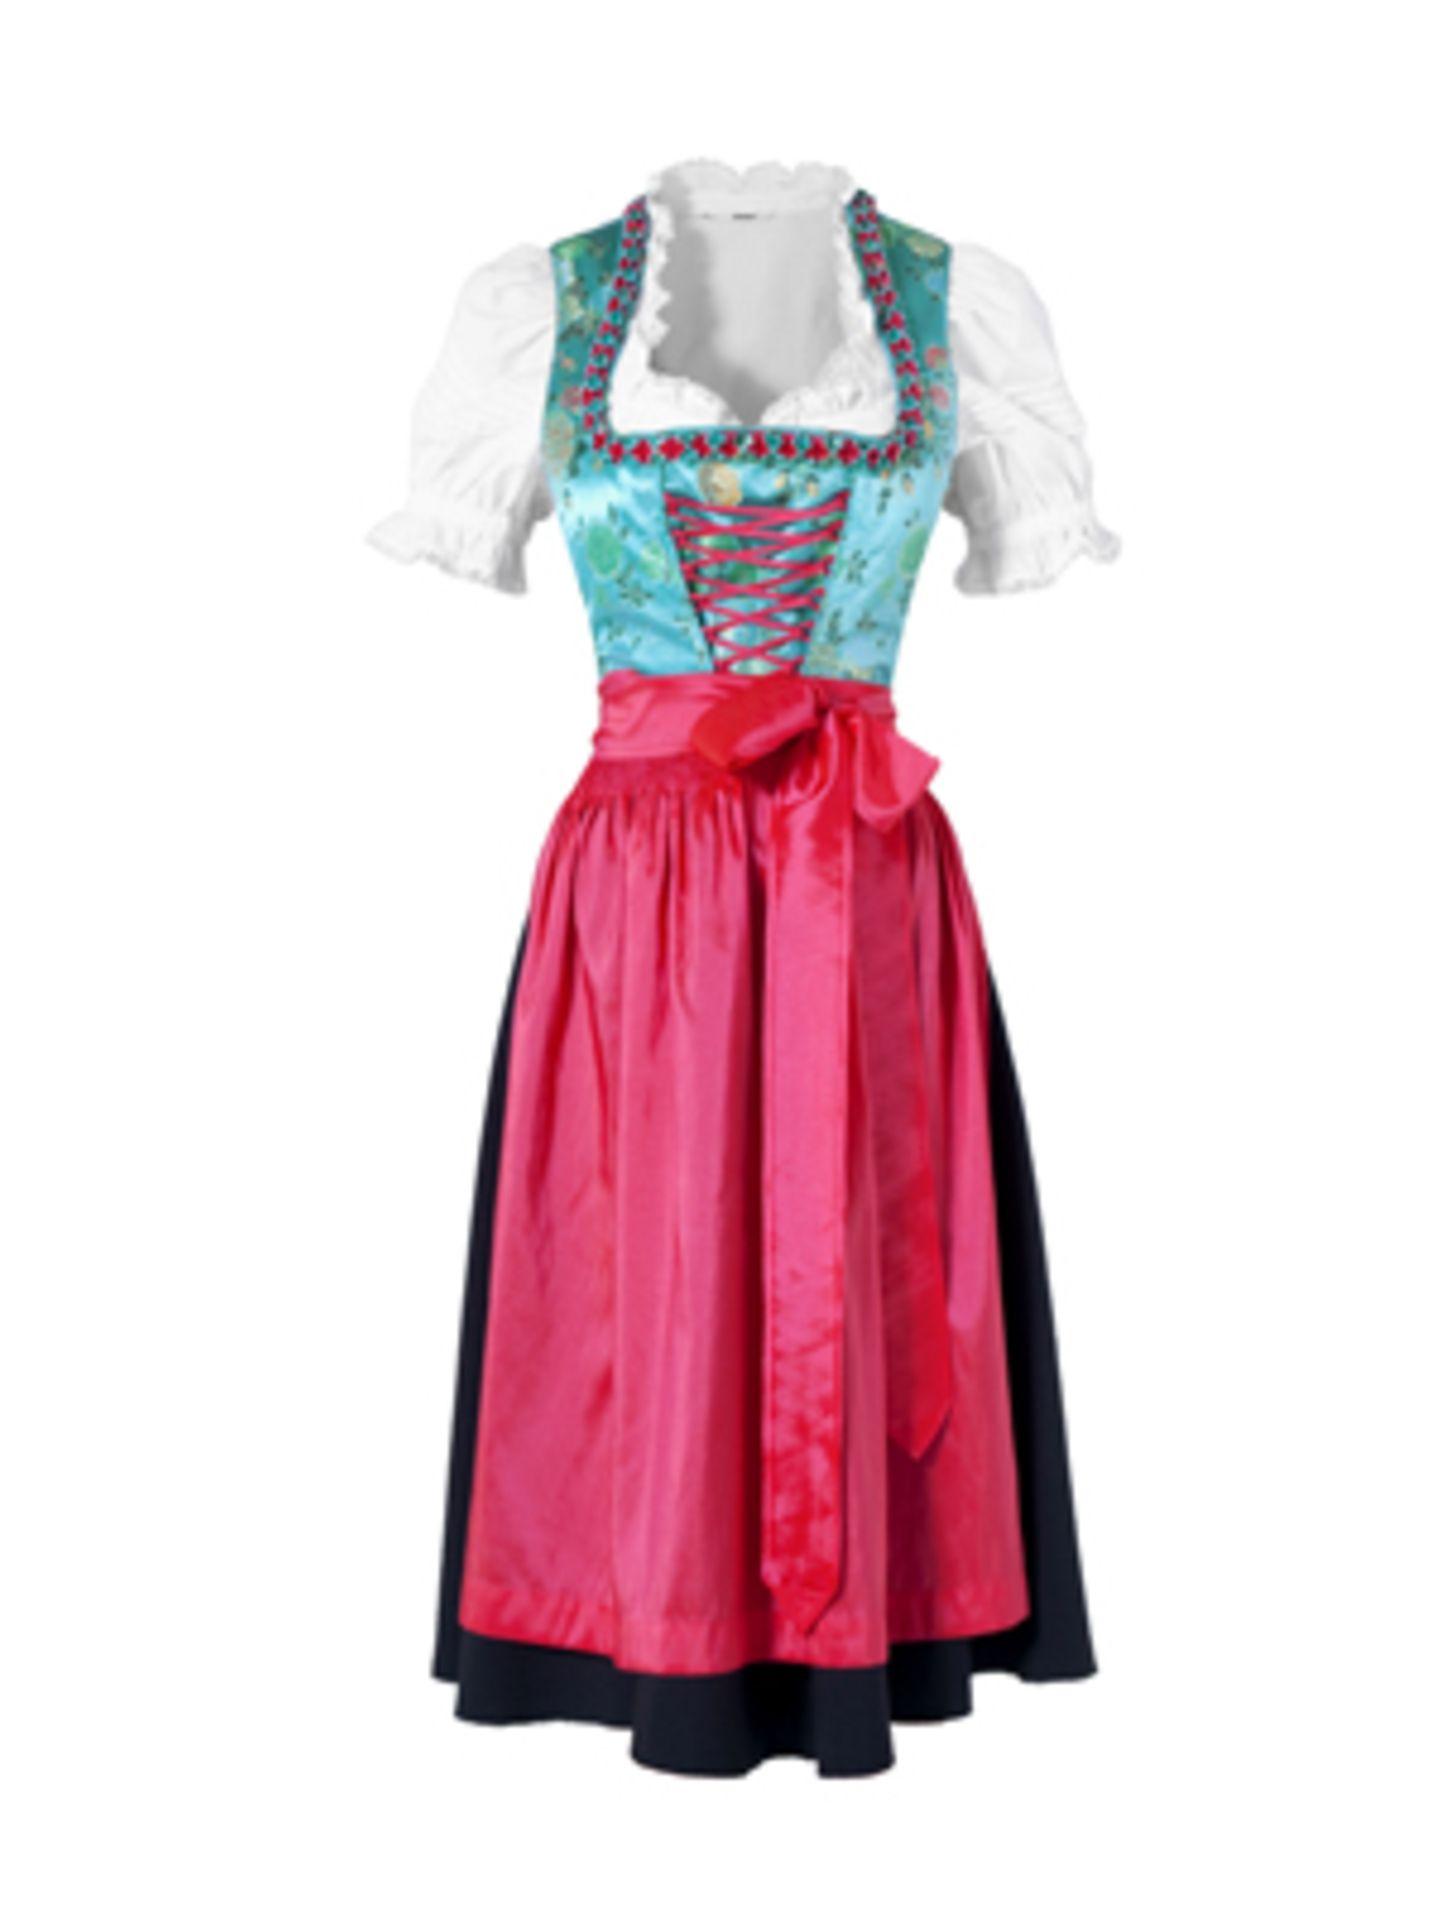 Knöchellanges Dirndl in Türkis und Schwarz mit pinkfarbener Schürze von K&L, um 130 Euro. Kurzarm-Dirndlbluse um 25 Euro.